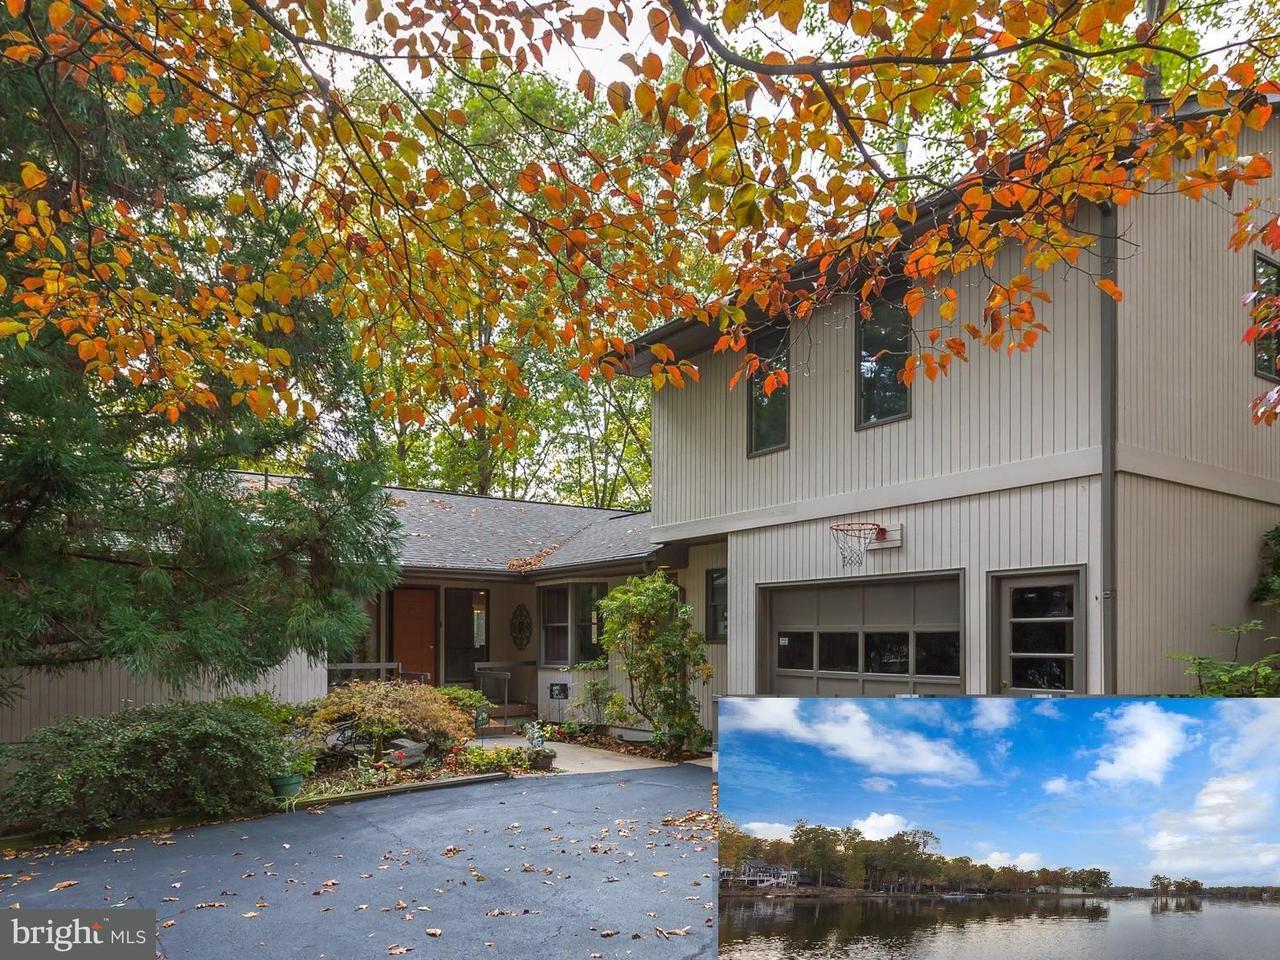 Μονοκατοικία για την Πώληση στο 212 Mt. Pleasant Drive 212 Mt. Pleasant Drive Locust Grove, Βιρτζινια 22508 Ηνωμενεσ Πολιτειεσ